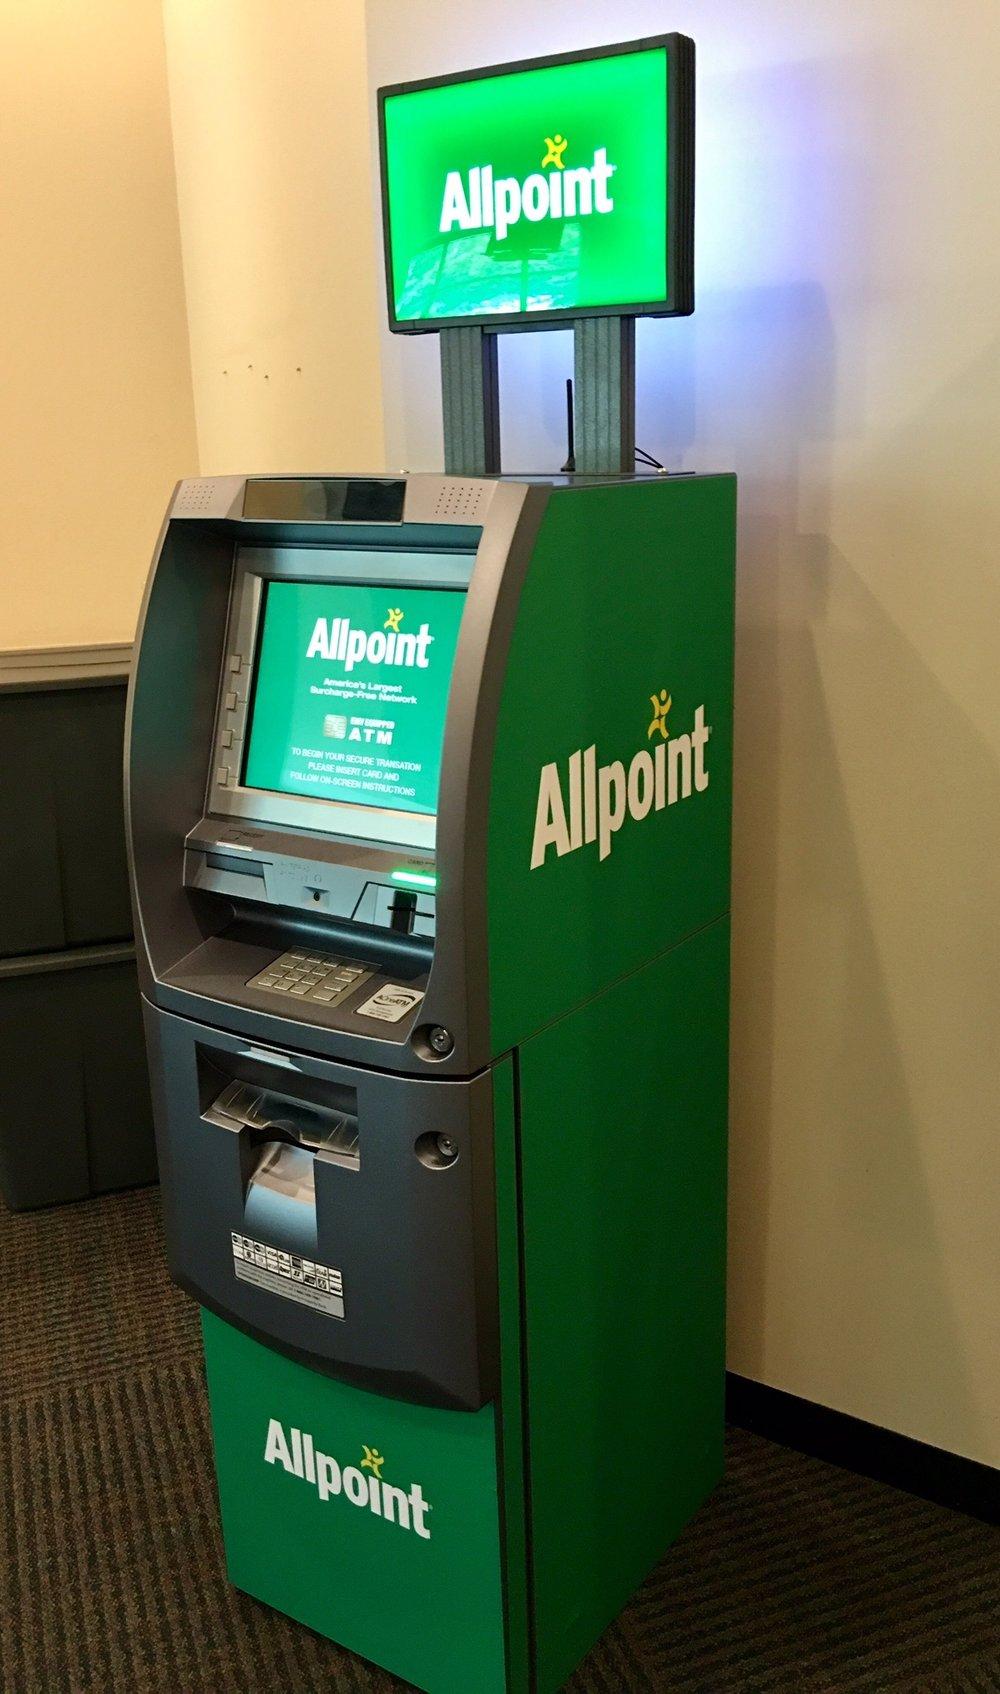 Allpoint ATM.jpg